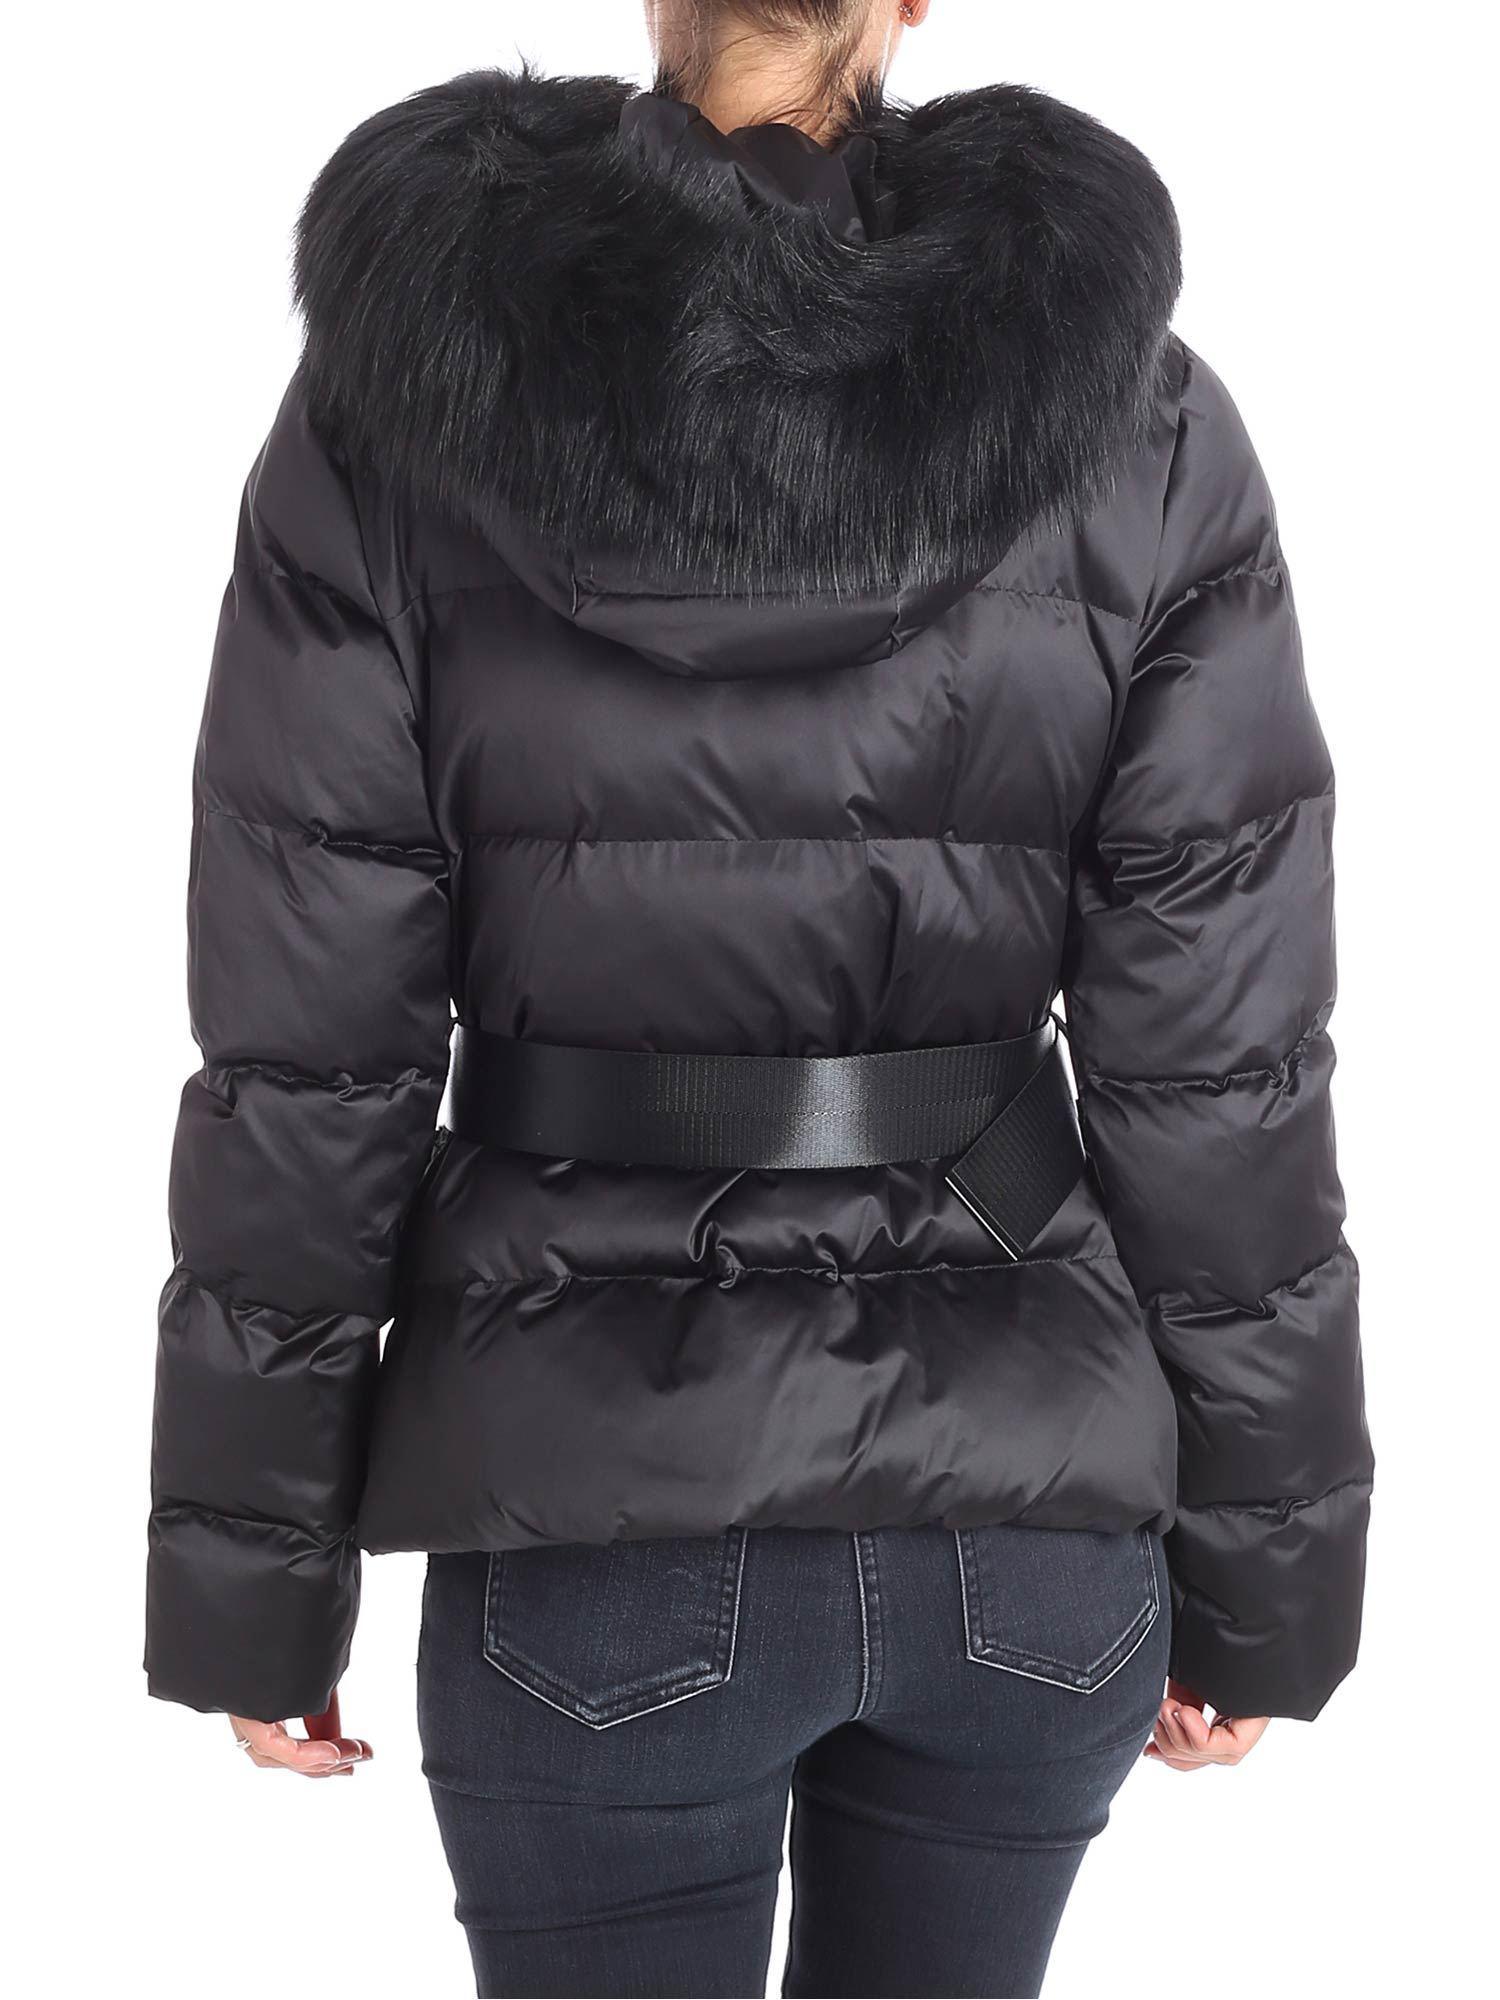 abe53dda51 Pinko Giradischi Quilted Black Jacket in Black - Lyst